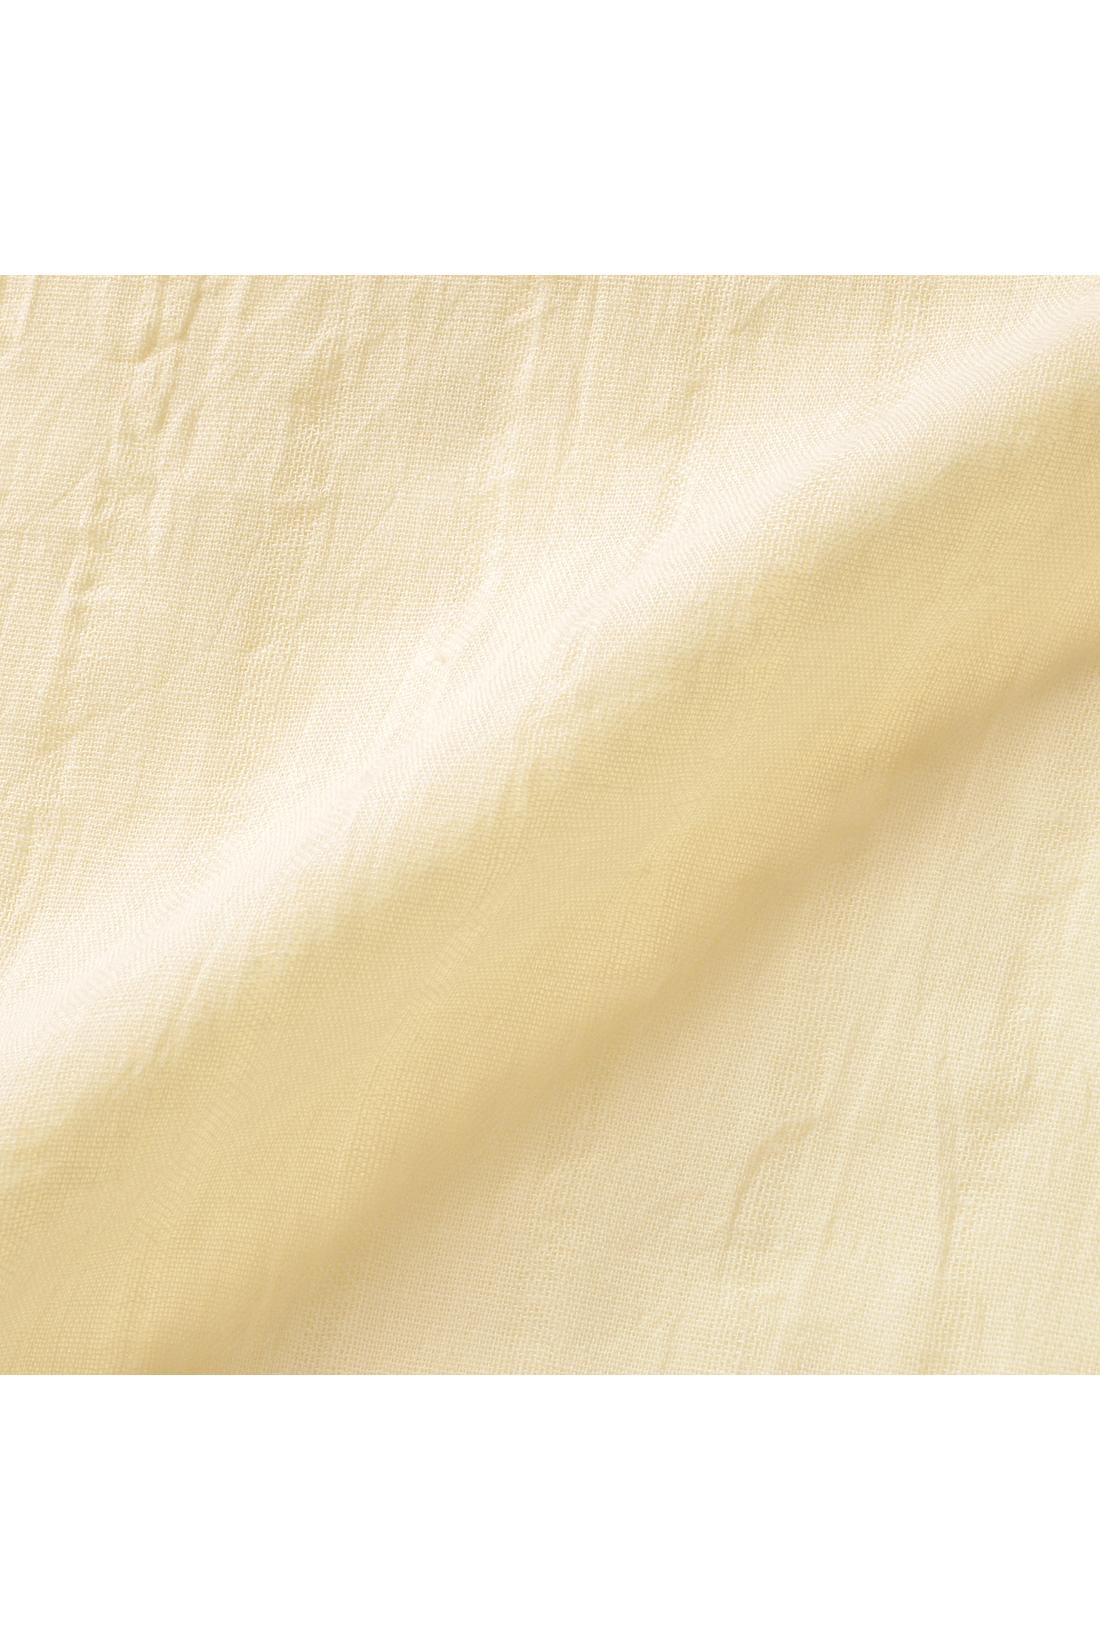 薄手で肌当たり軽やかな綿100%素材。